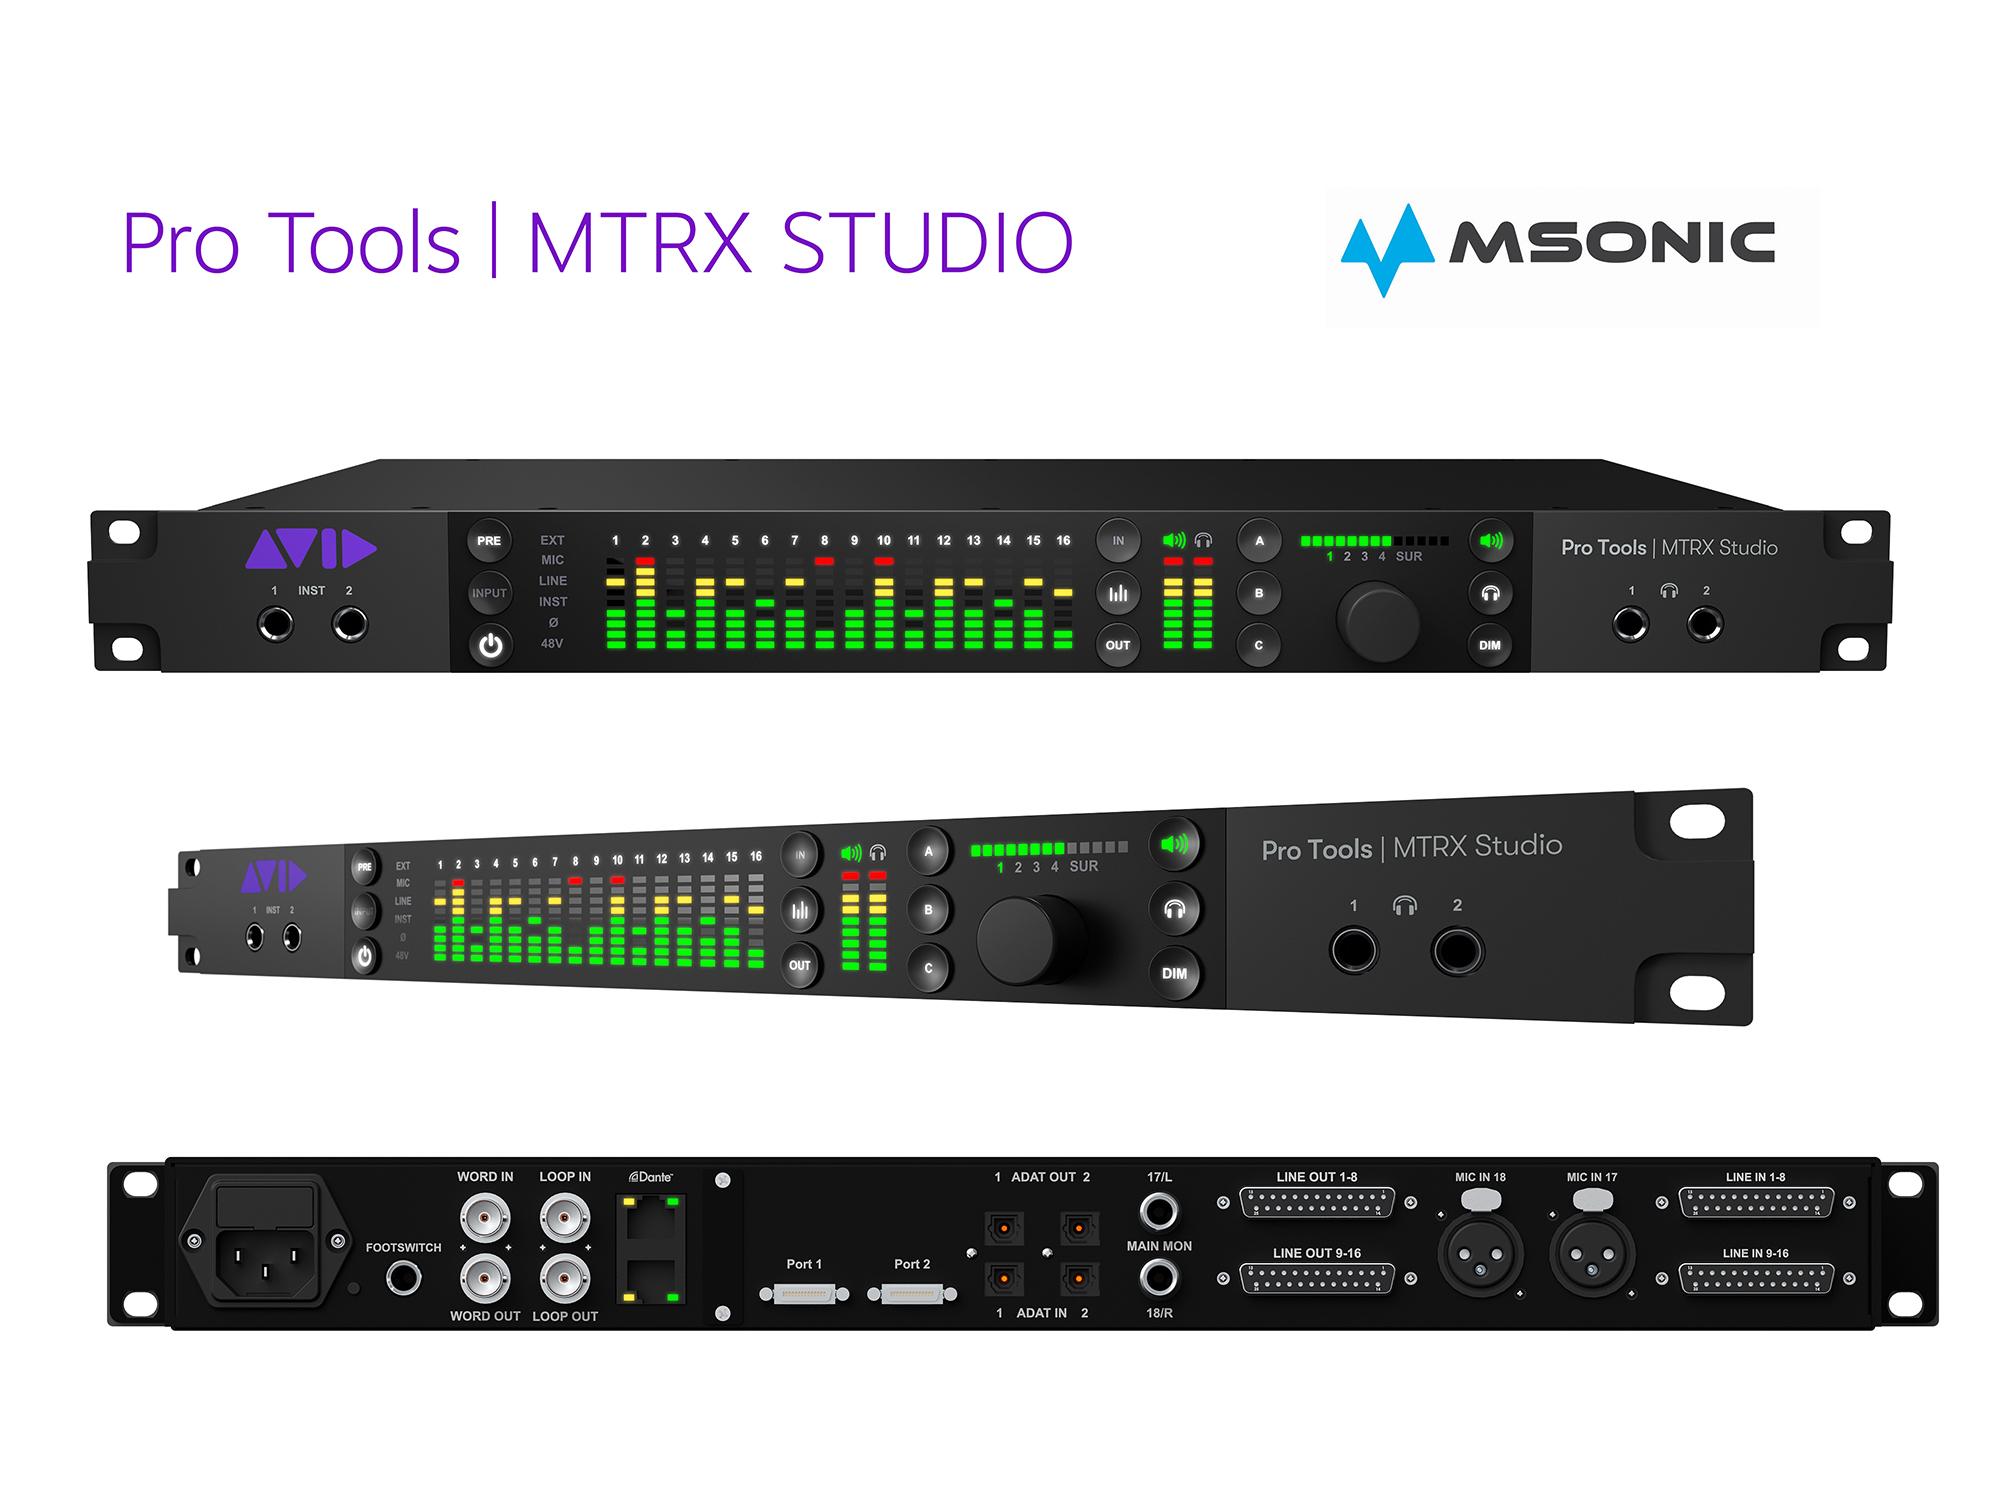 pro tools MTRX studio